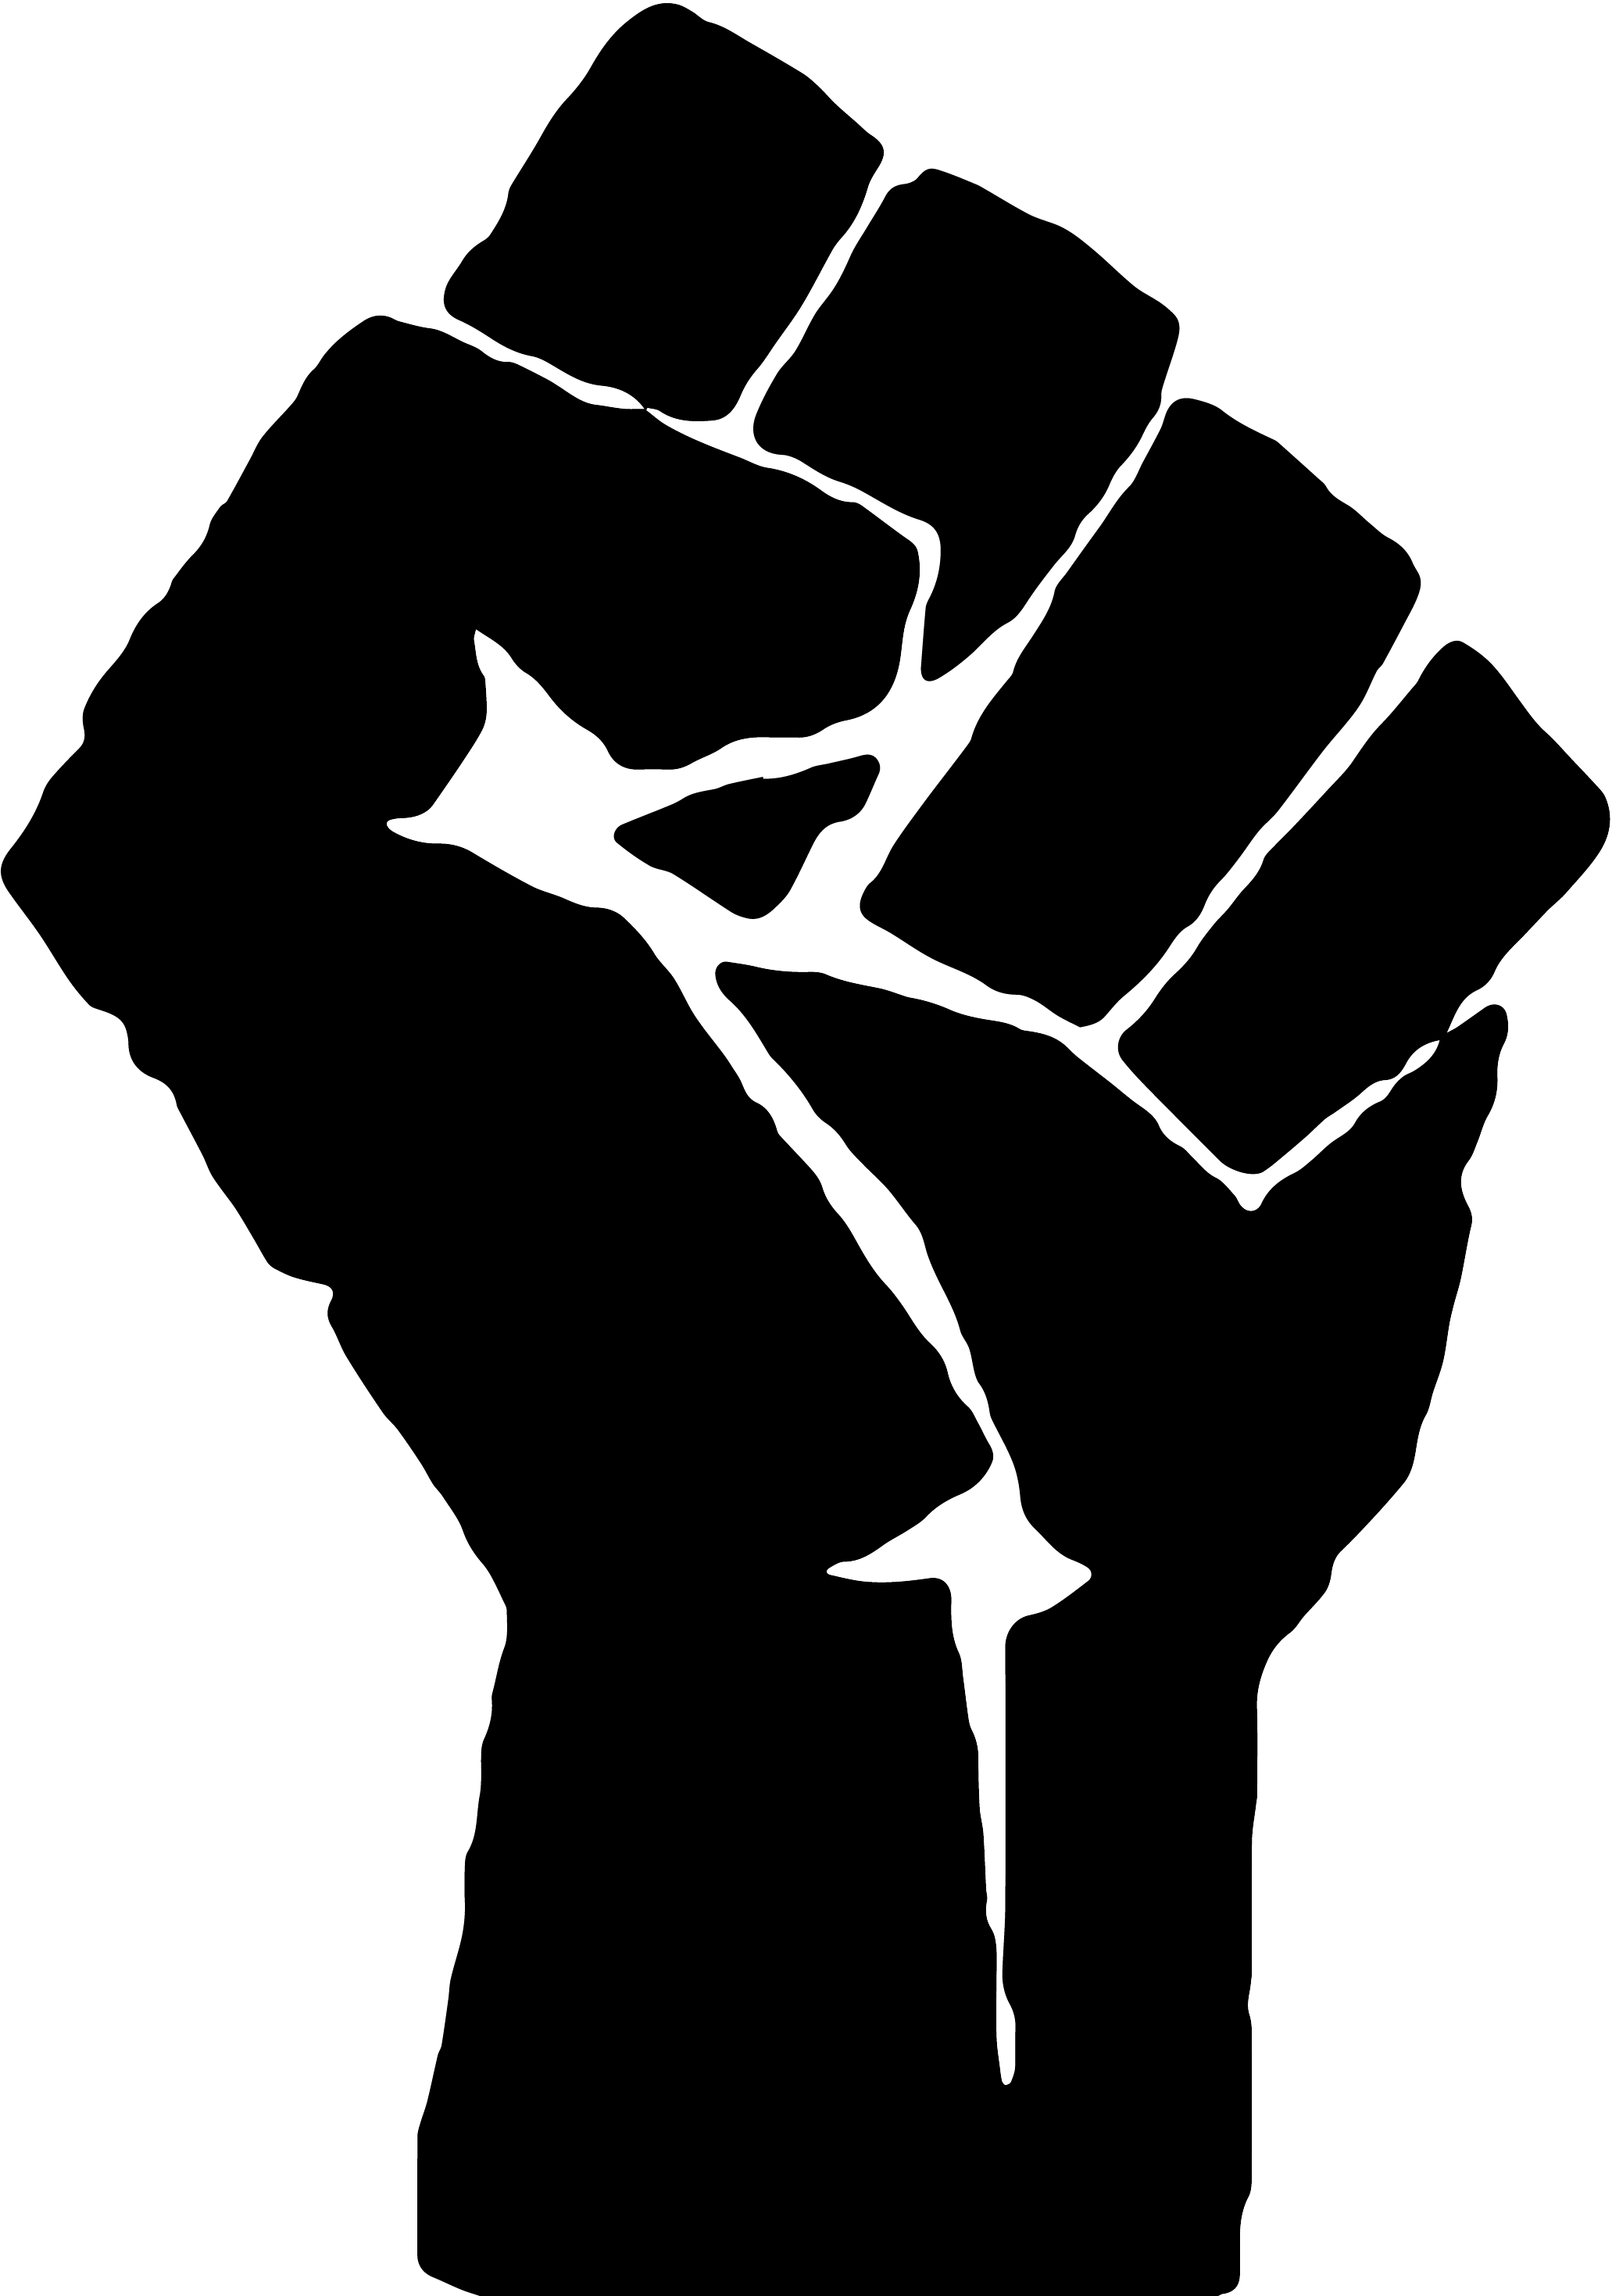 Black Lives Matter With Fist Logo Svg Free Black Lives Matter With Fist Logo Svg Download Blm Svg Svg Art